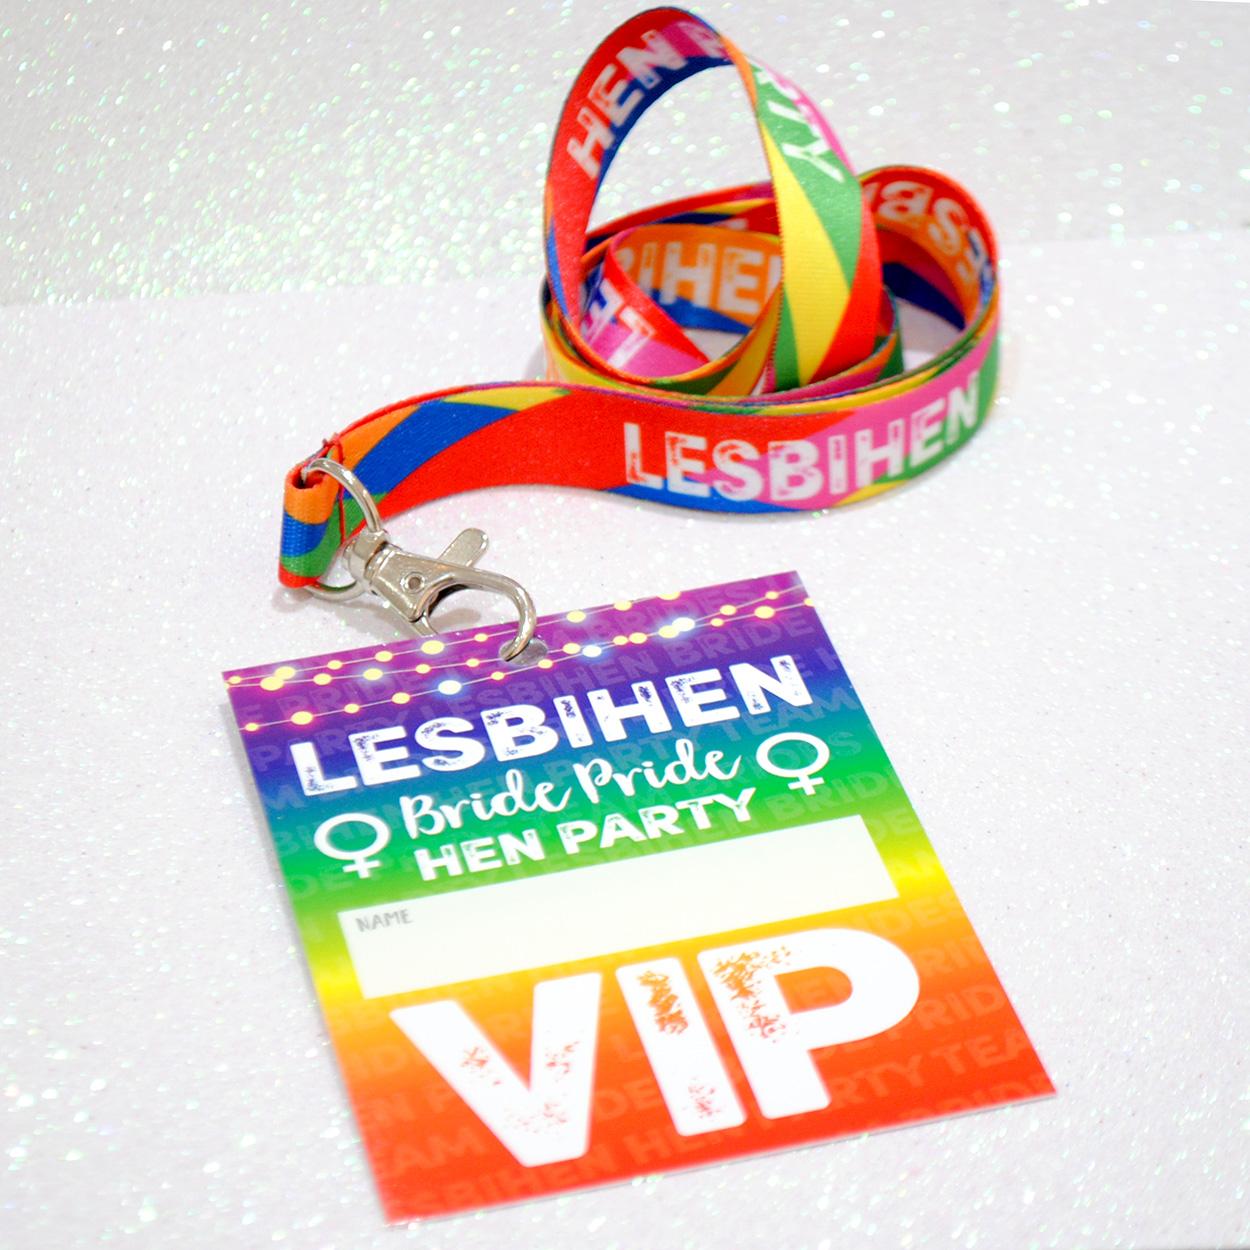 lesbihen lesbian hen party vip pass lanyards